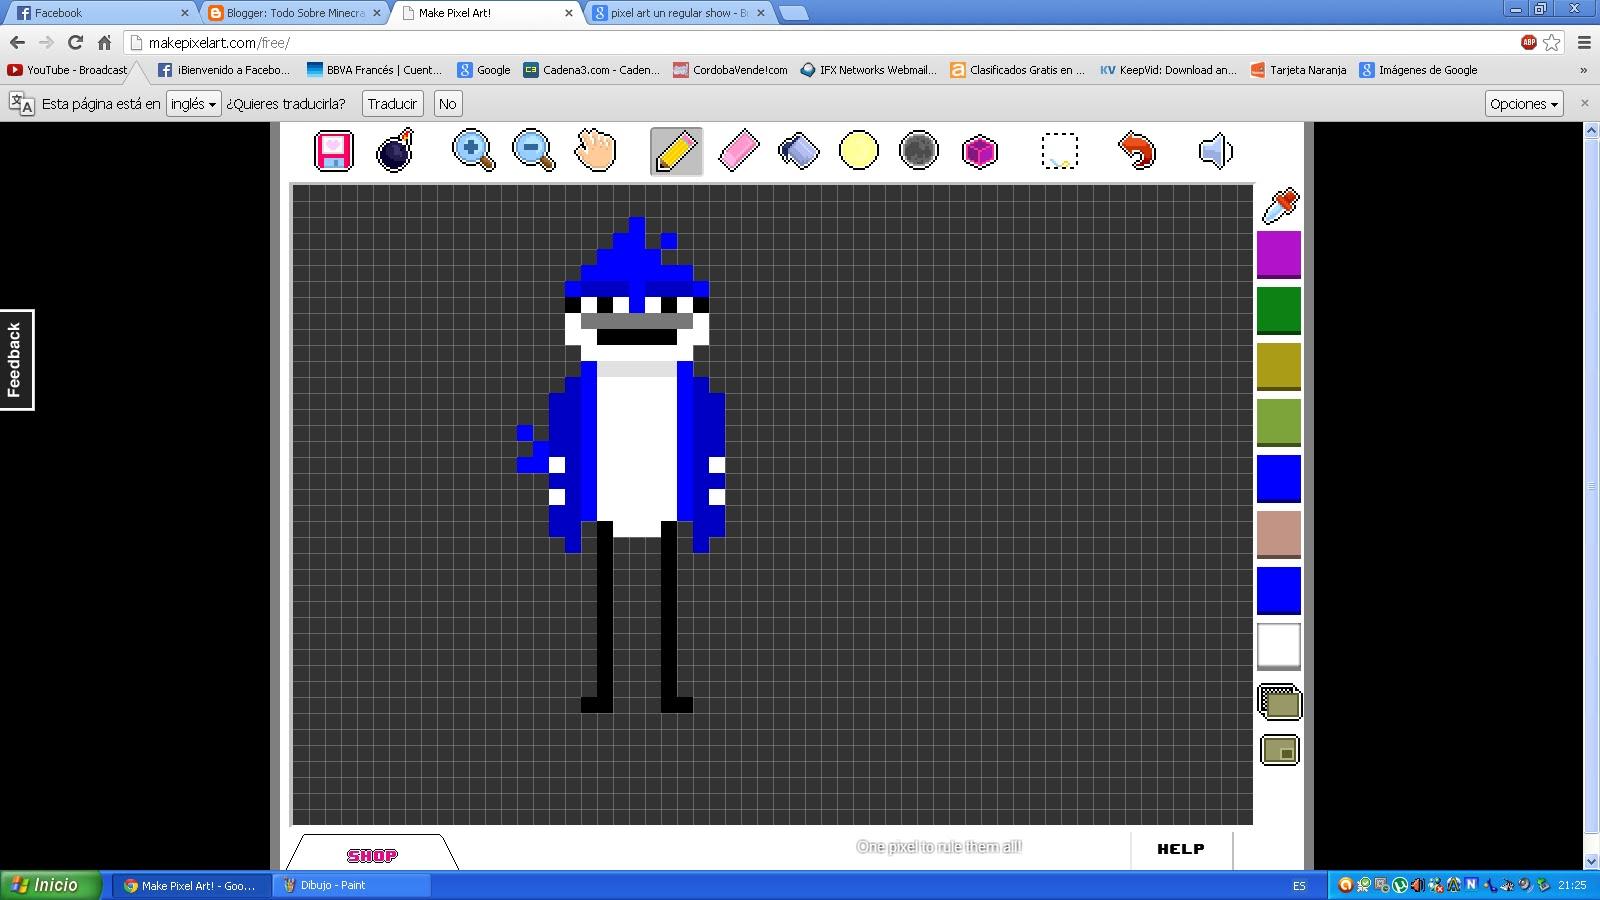 Todo Sobre Minecraft: como hacer Pixel art regular show ... Minecraft Pixel Art Regular Show